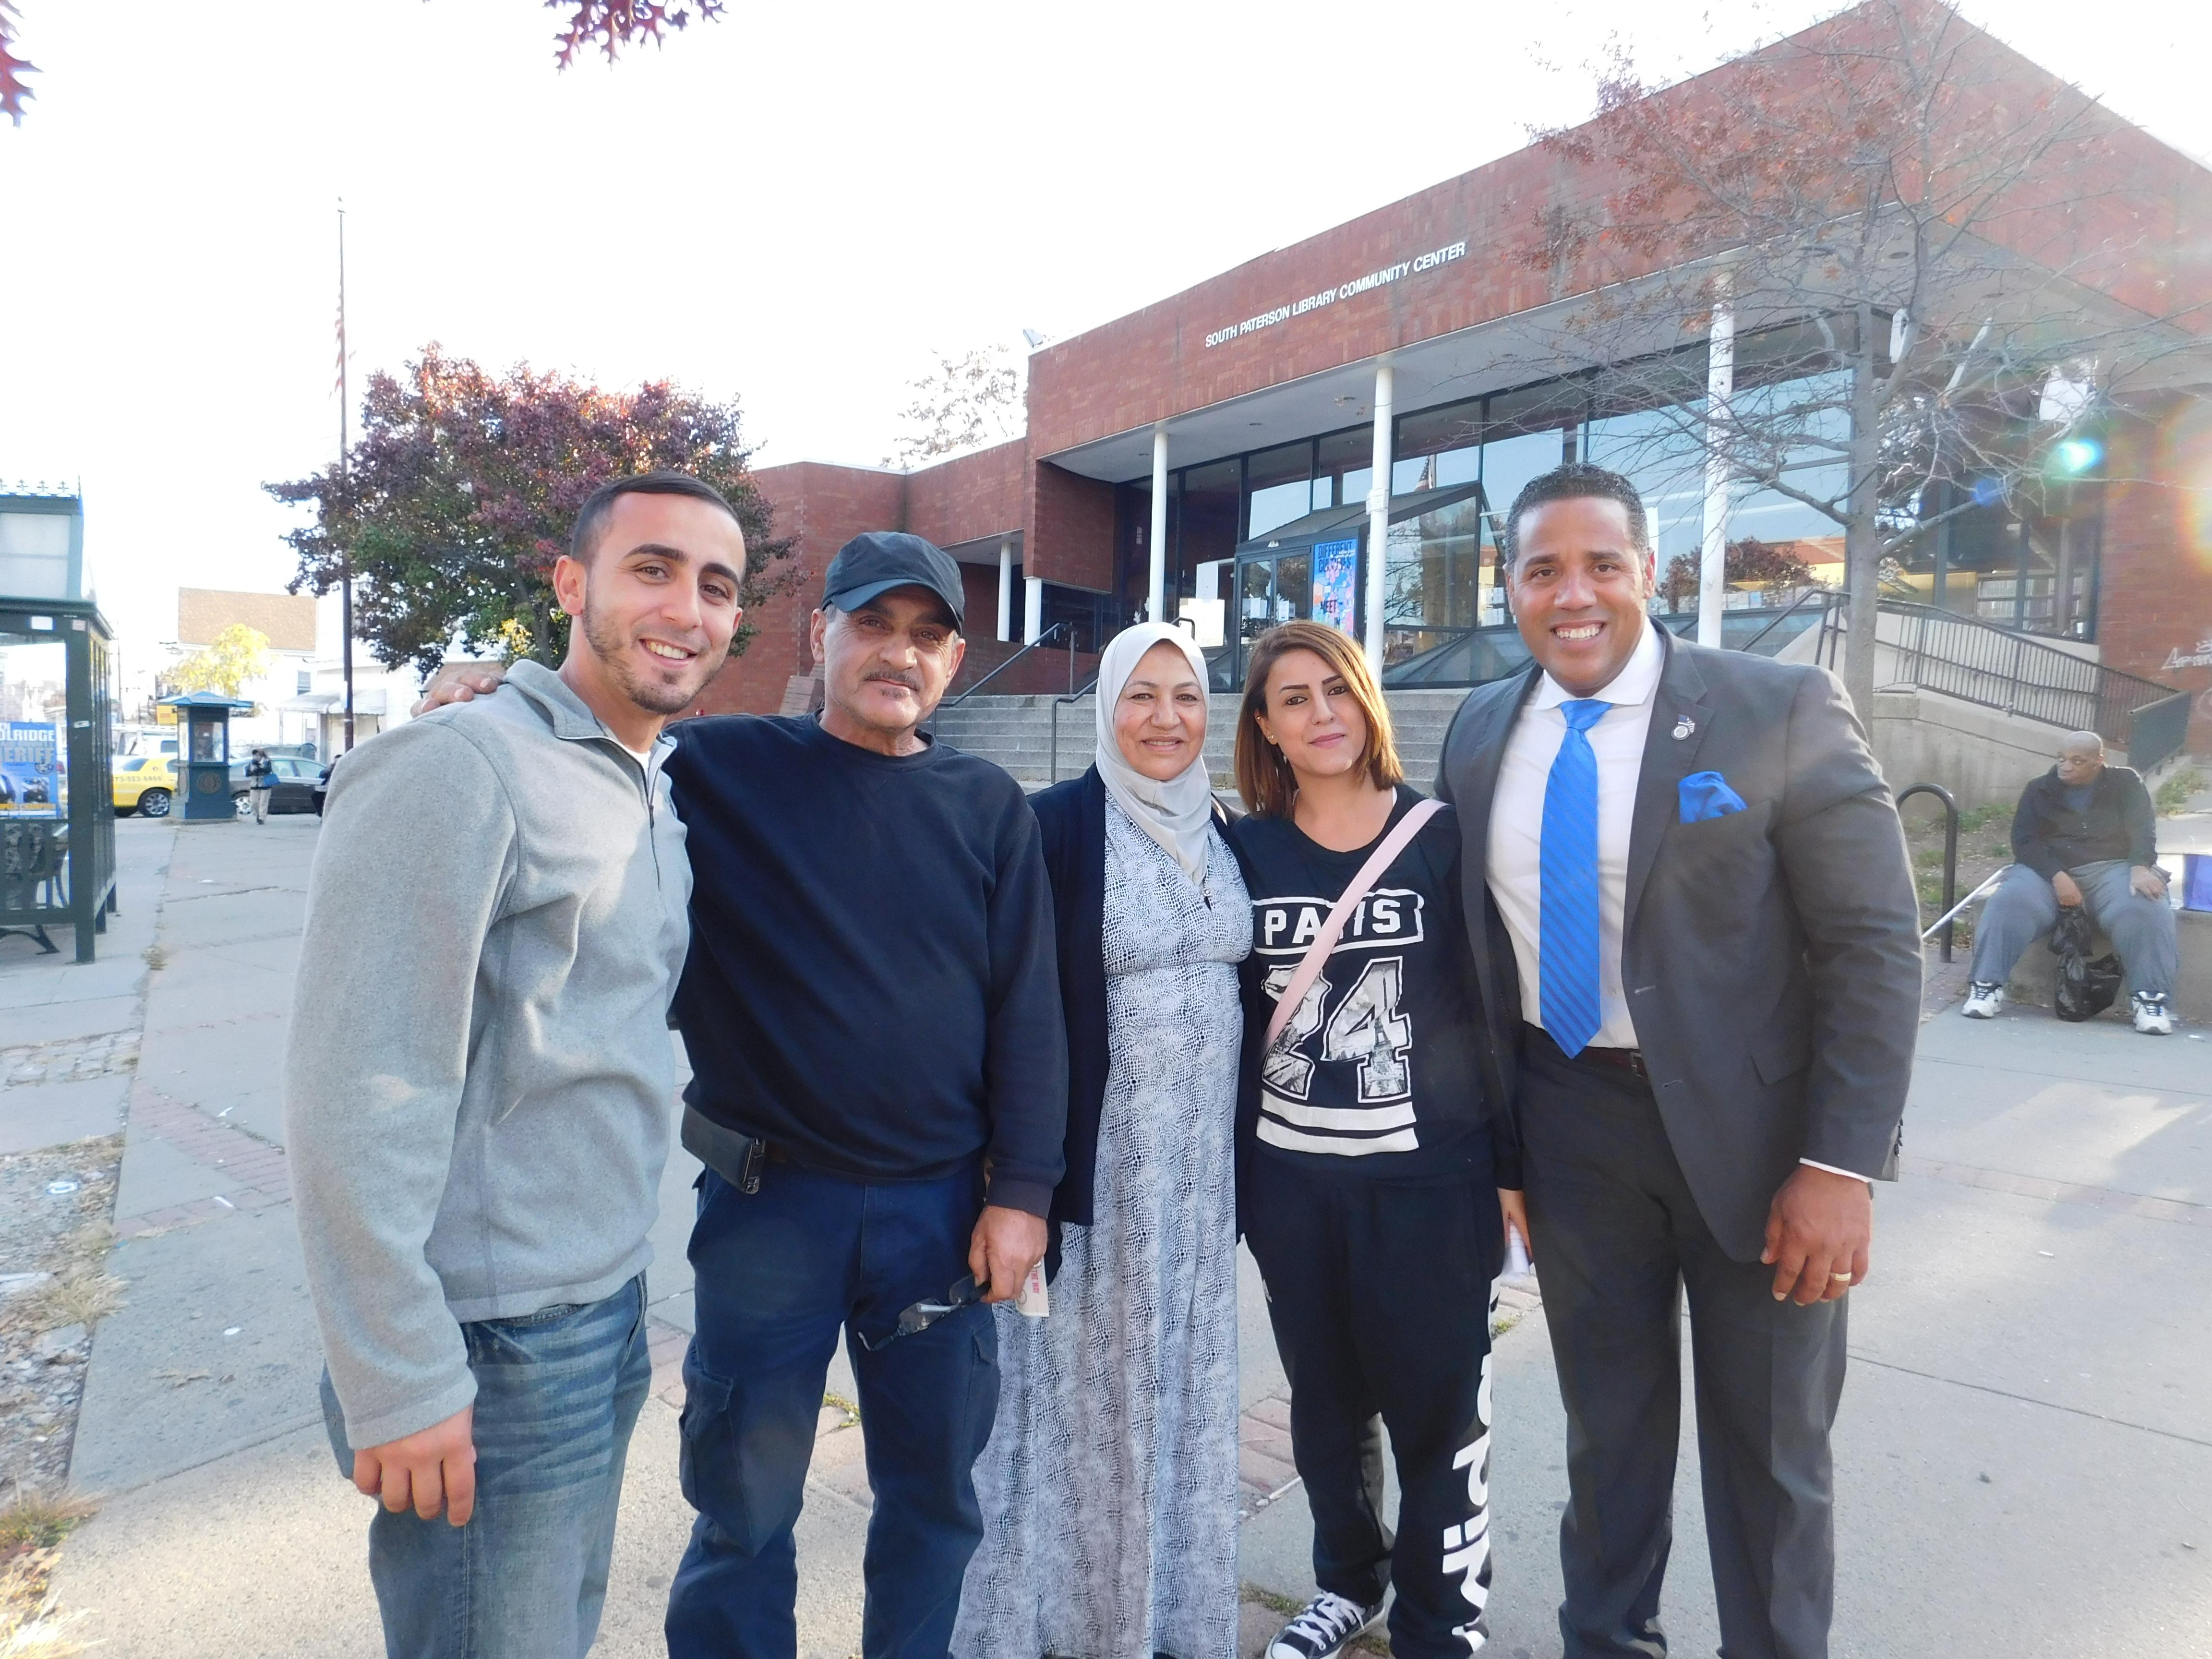 From left: Al Abel-aziz, Abdul Basuf, Rana Basuf, Nafisseh Basuf and Counilman Alex Mendez.